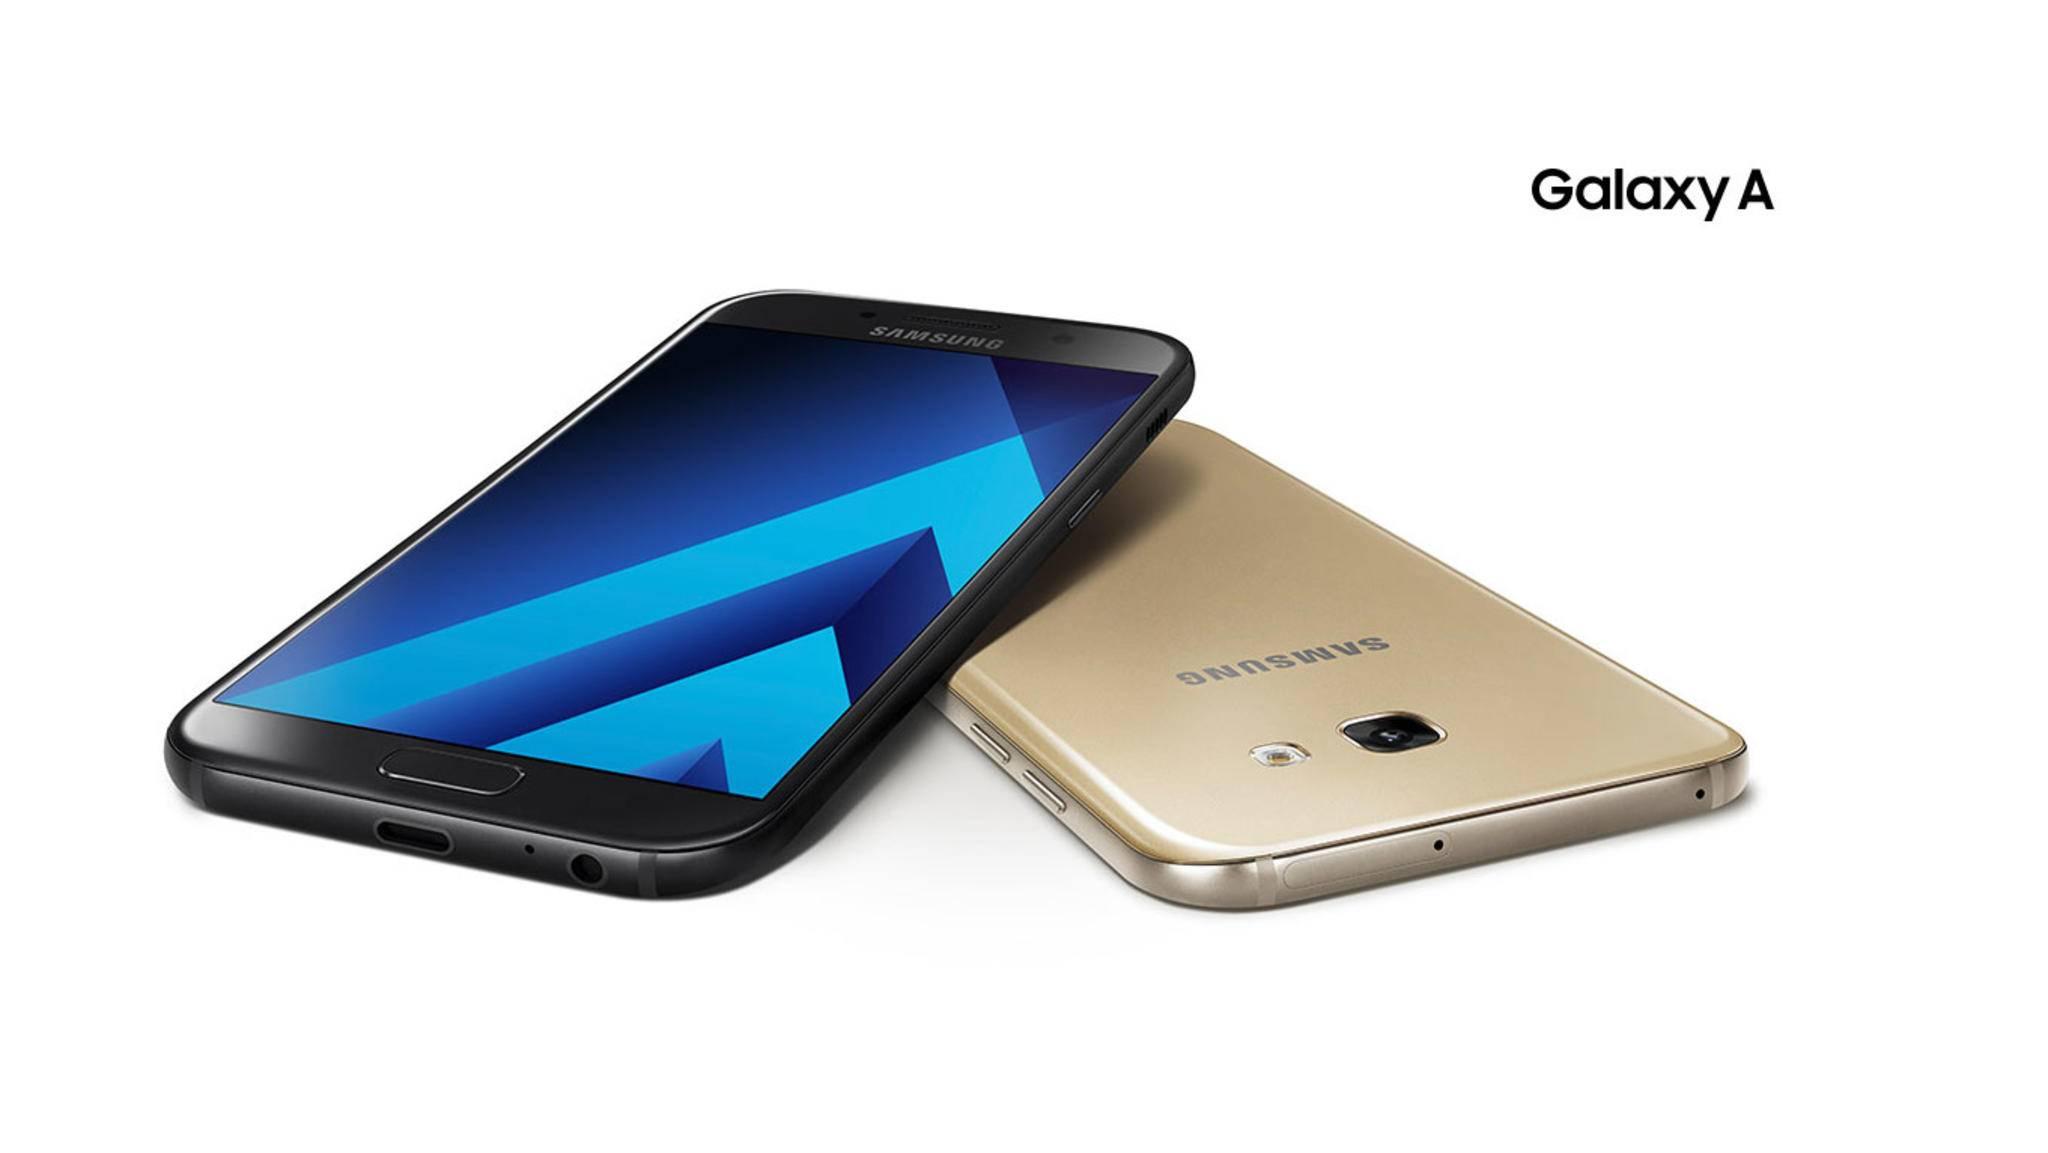 Samsung Galaxy A (2017) offiziell vorgestellt